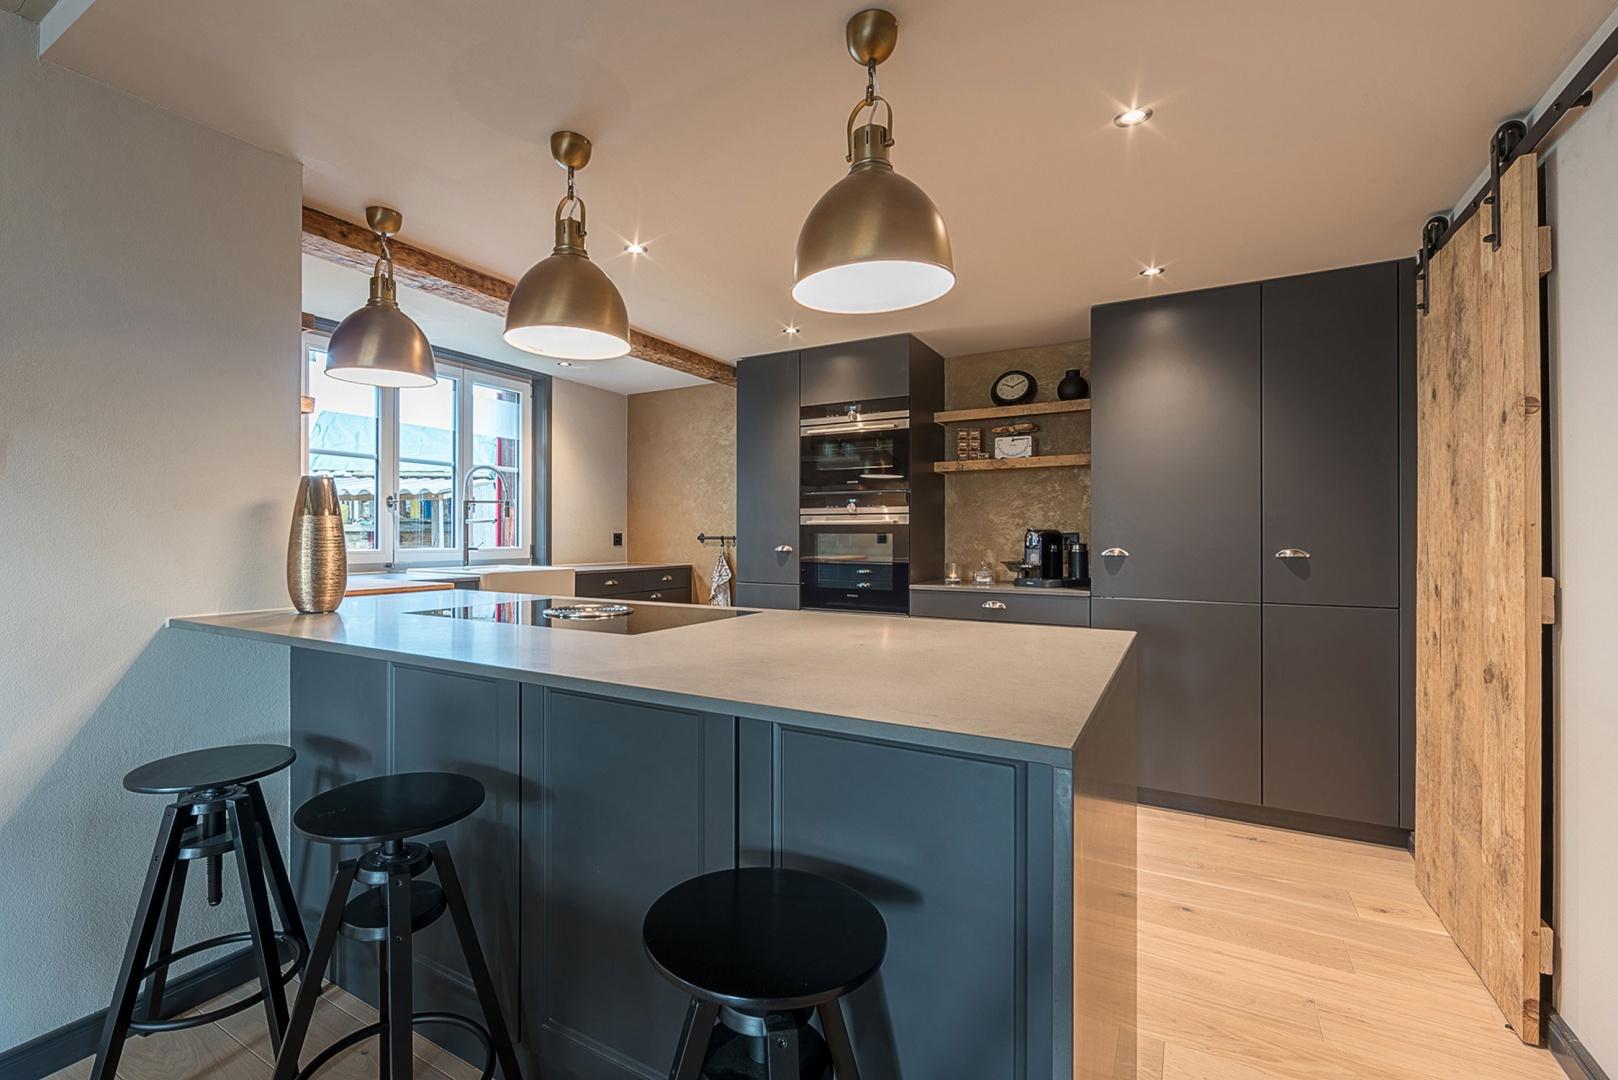 Küche Ansicht EG © Dever GmbH, Le-Corbusier-Platz 6, 3027 Bern